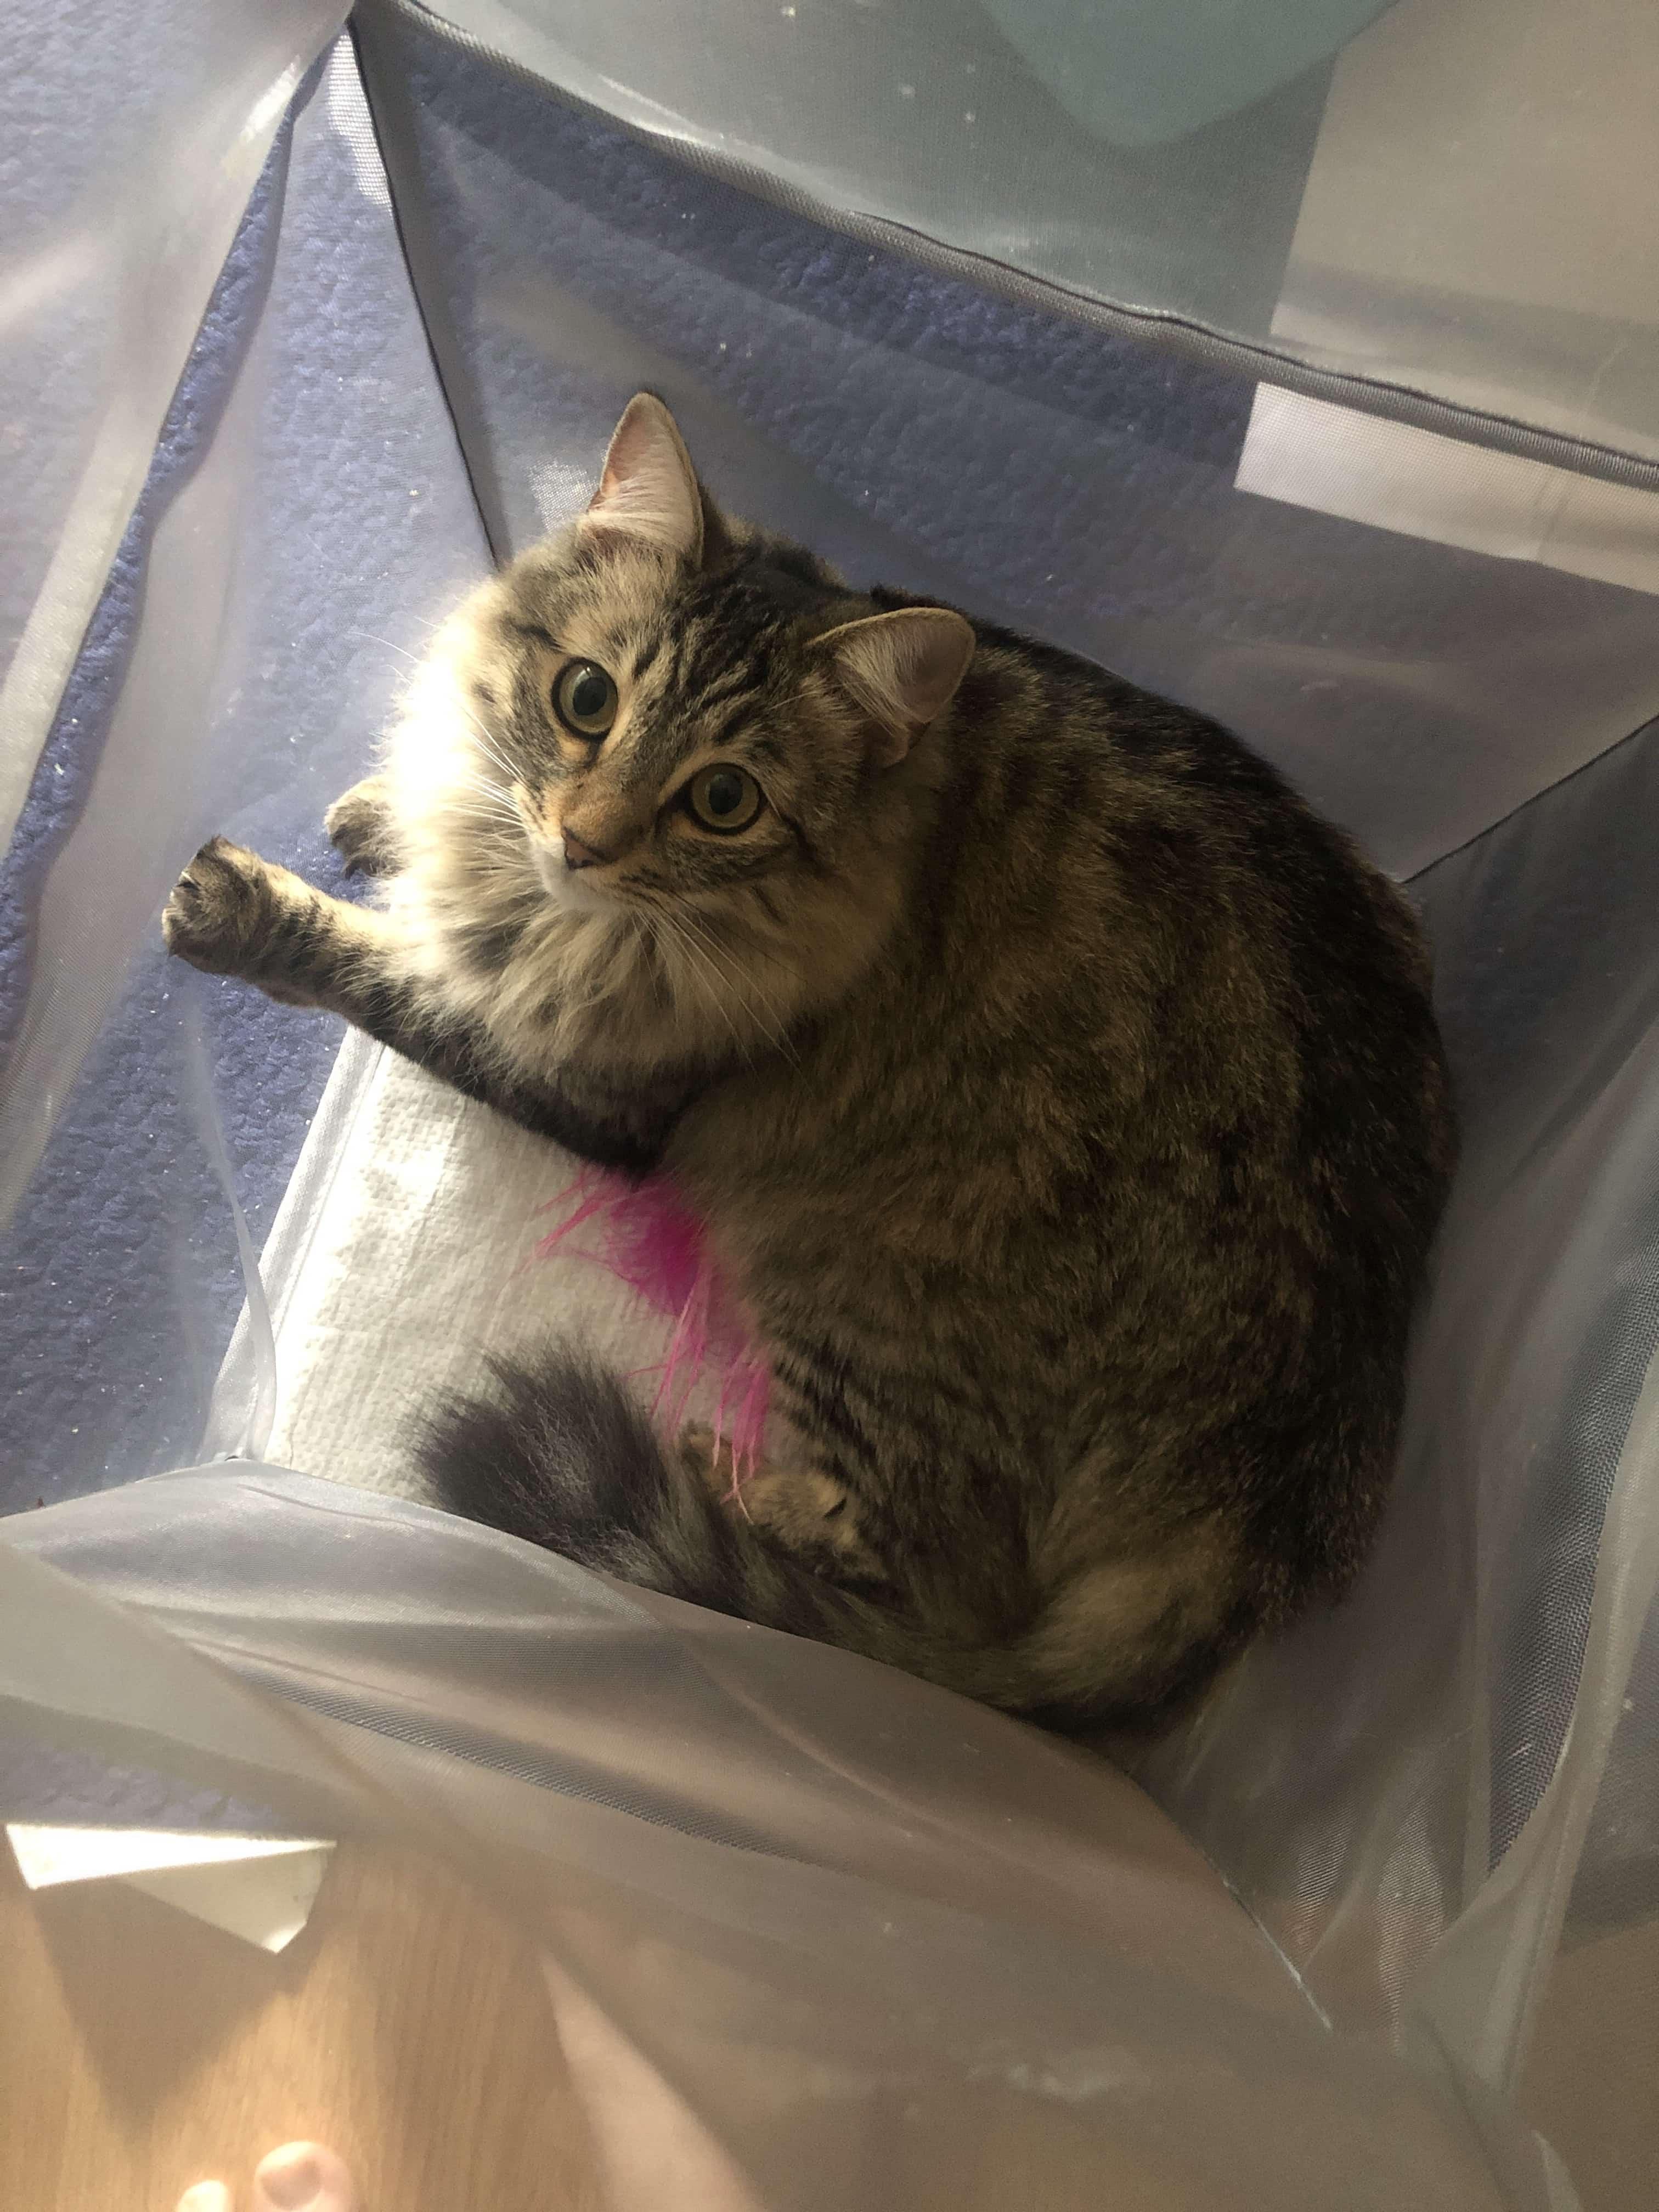 Arya the cat in a hamper